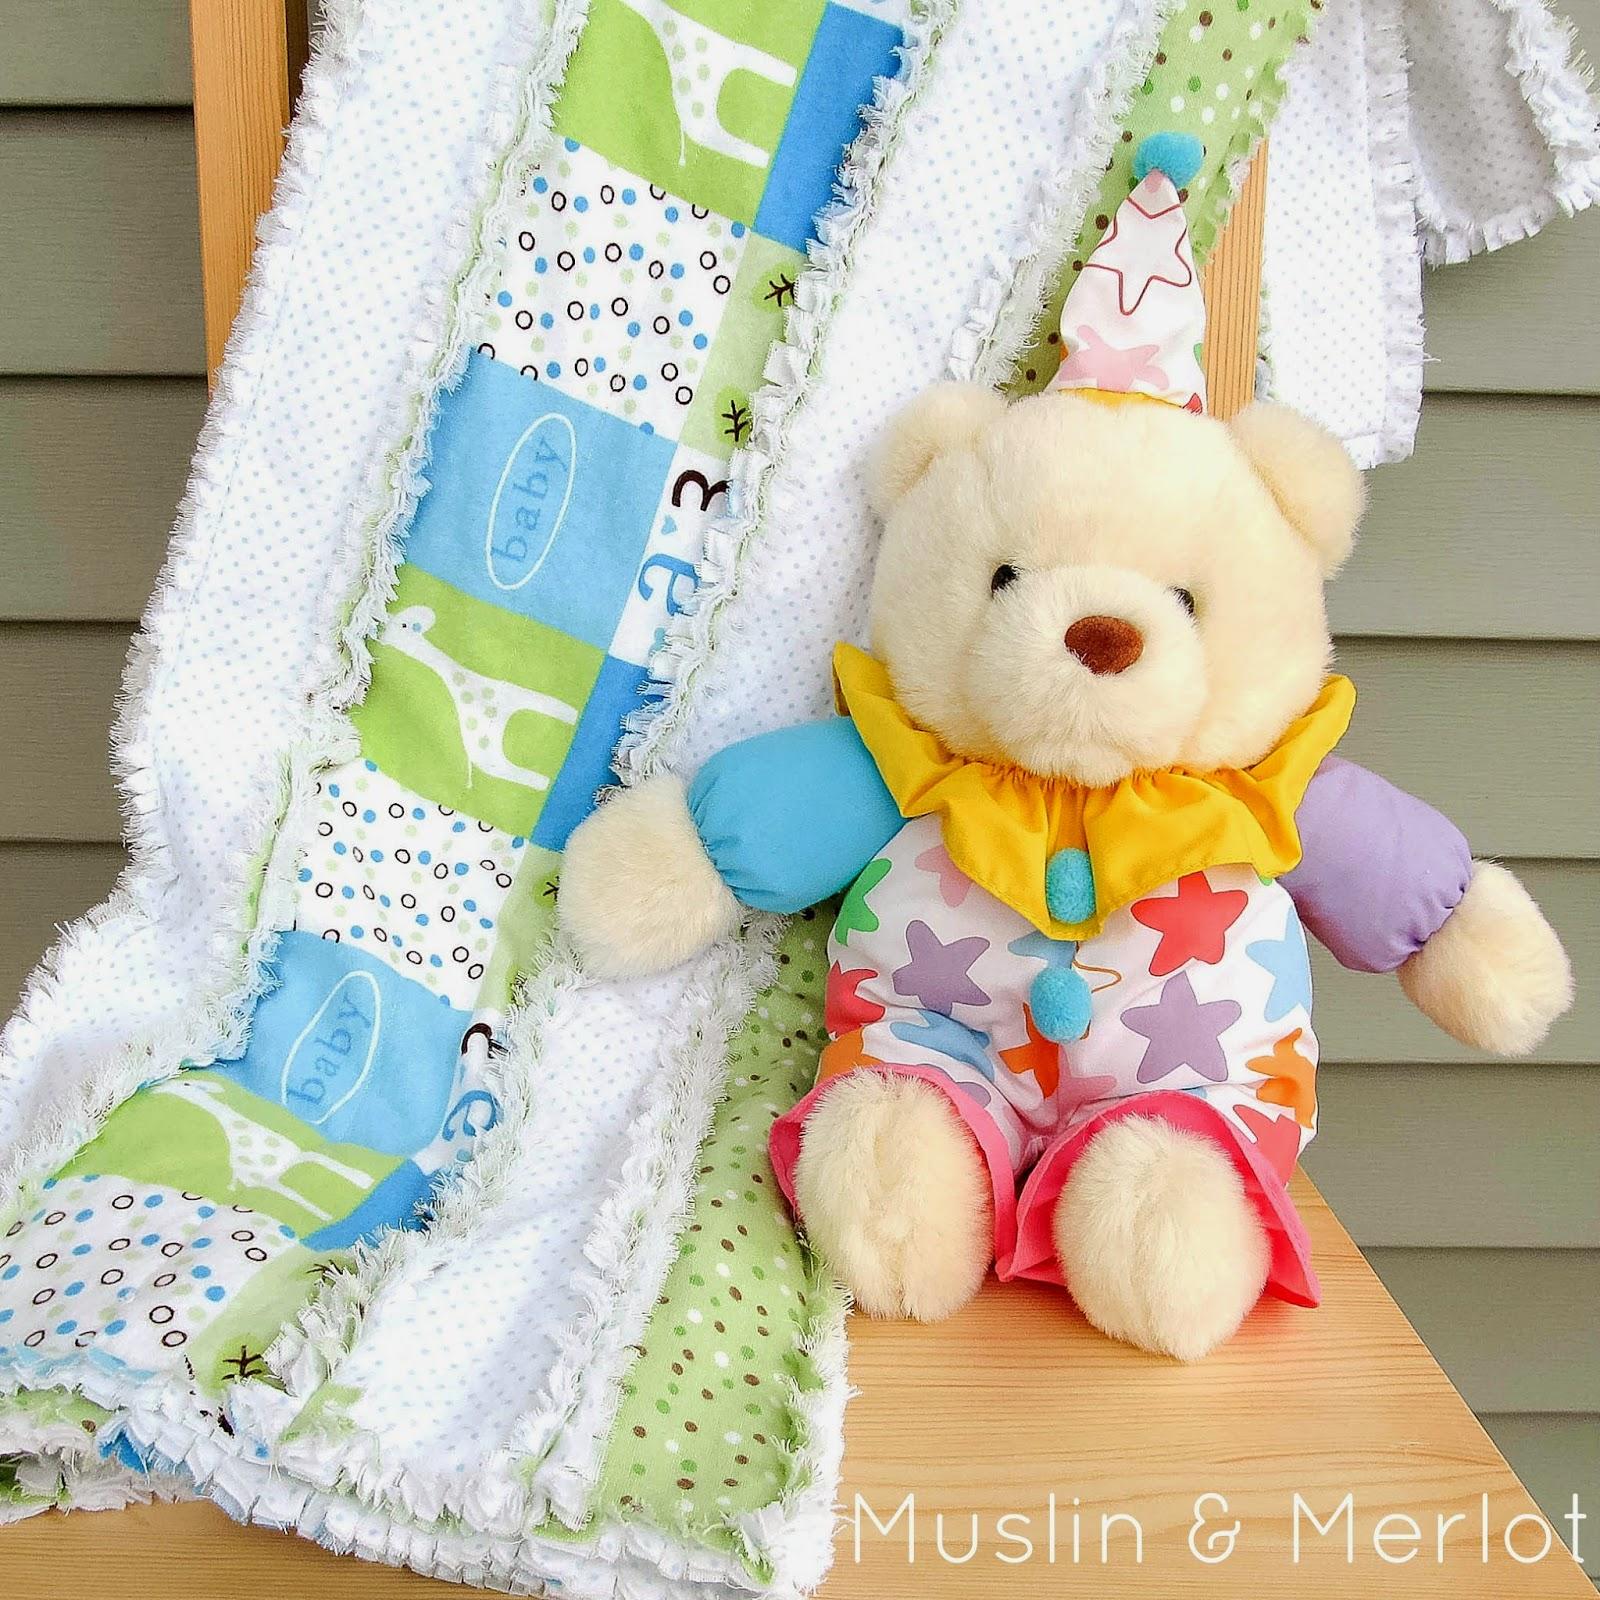 http://muslinandmerlot.blogspot.com/2014/05/striped-rag-quilt-tutorial.html